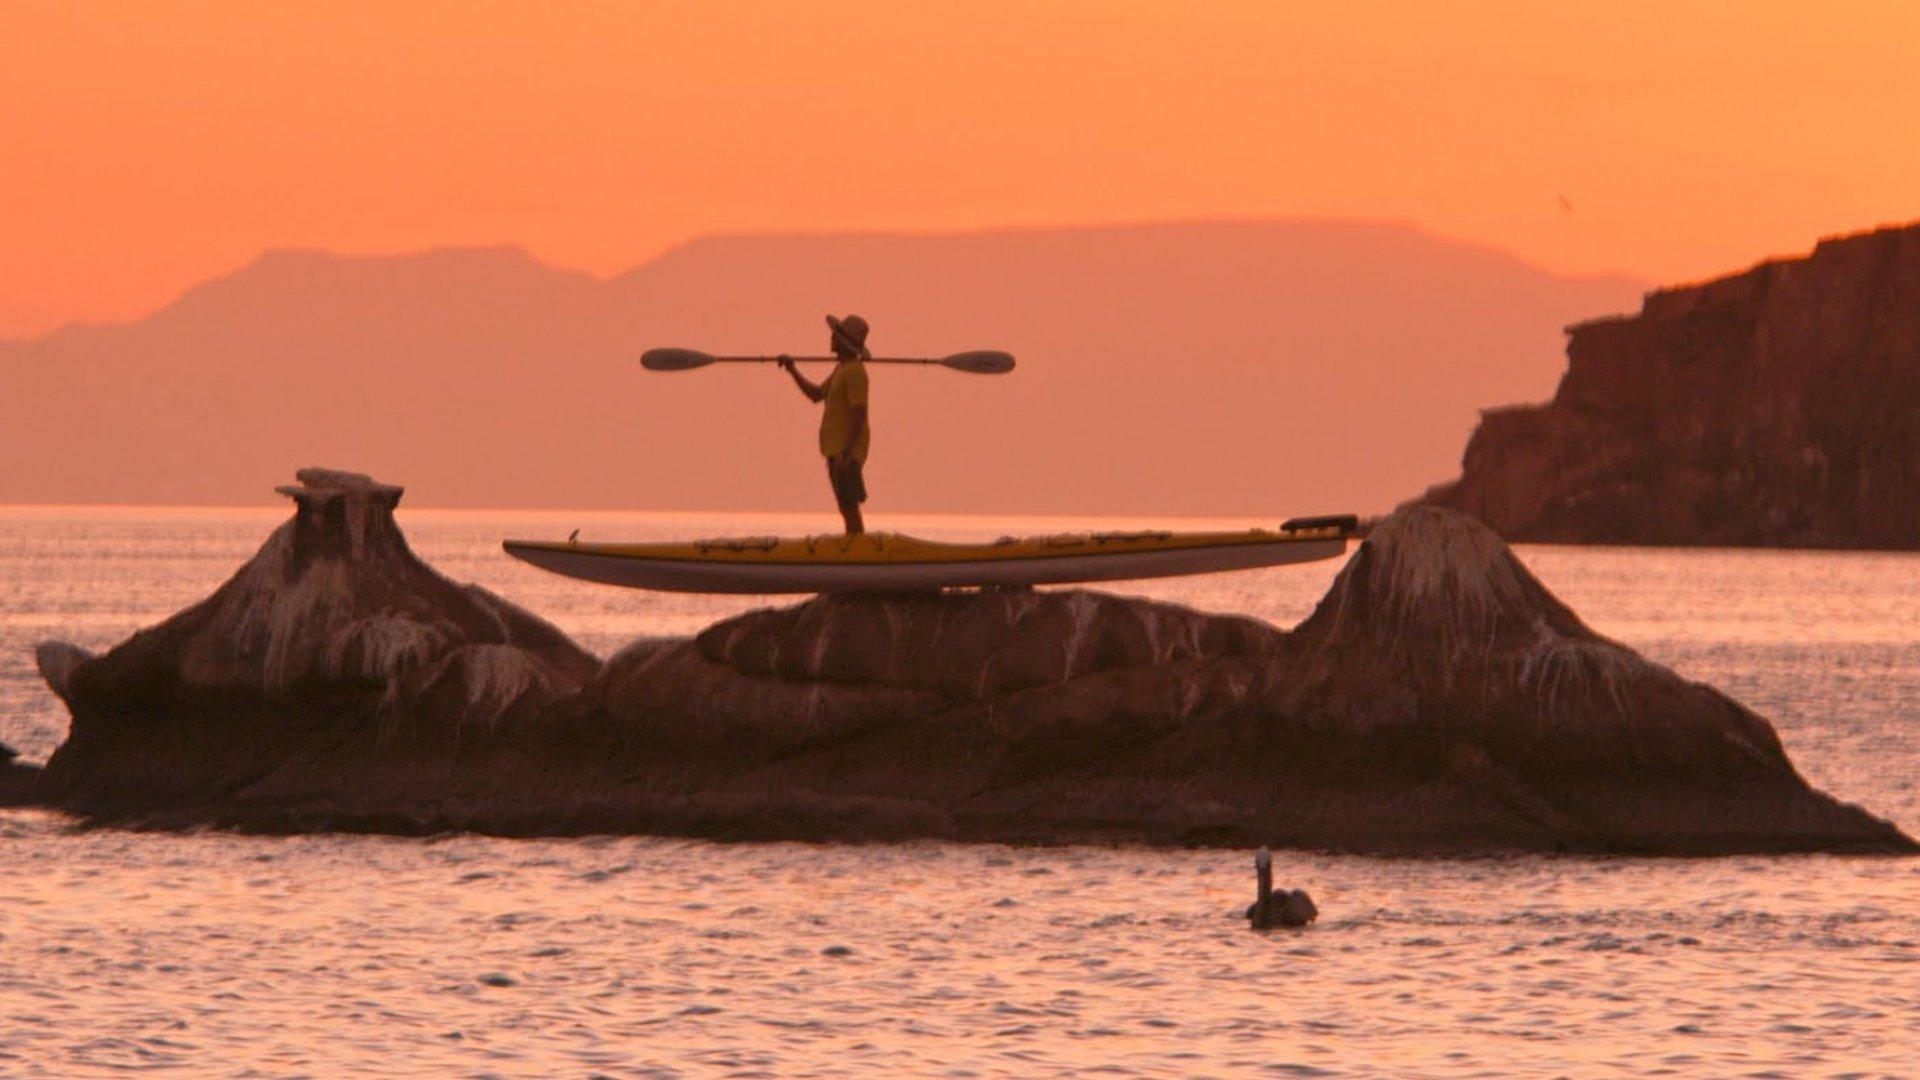 sea kayaker in sunset on rocks in LaPaz baja